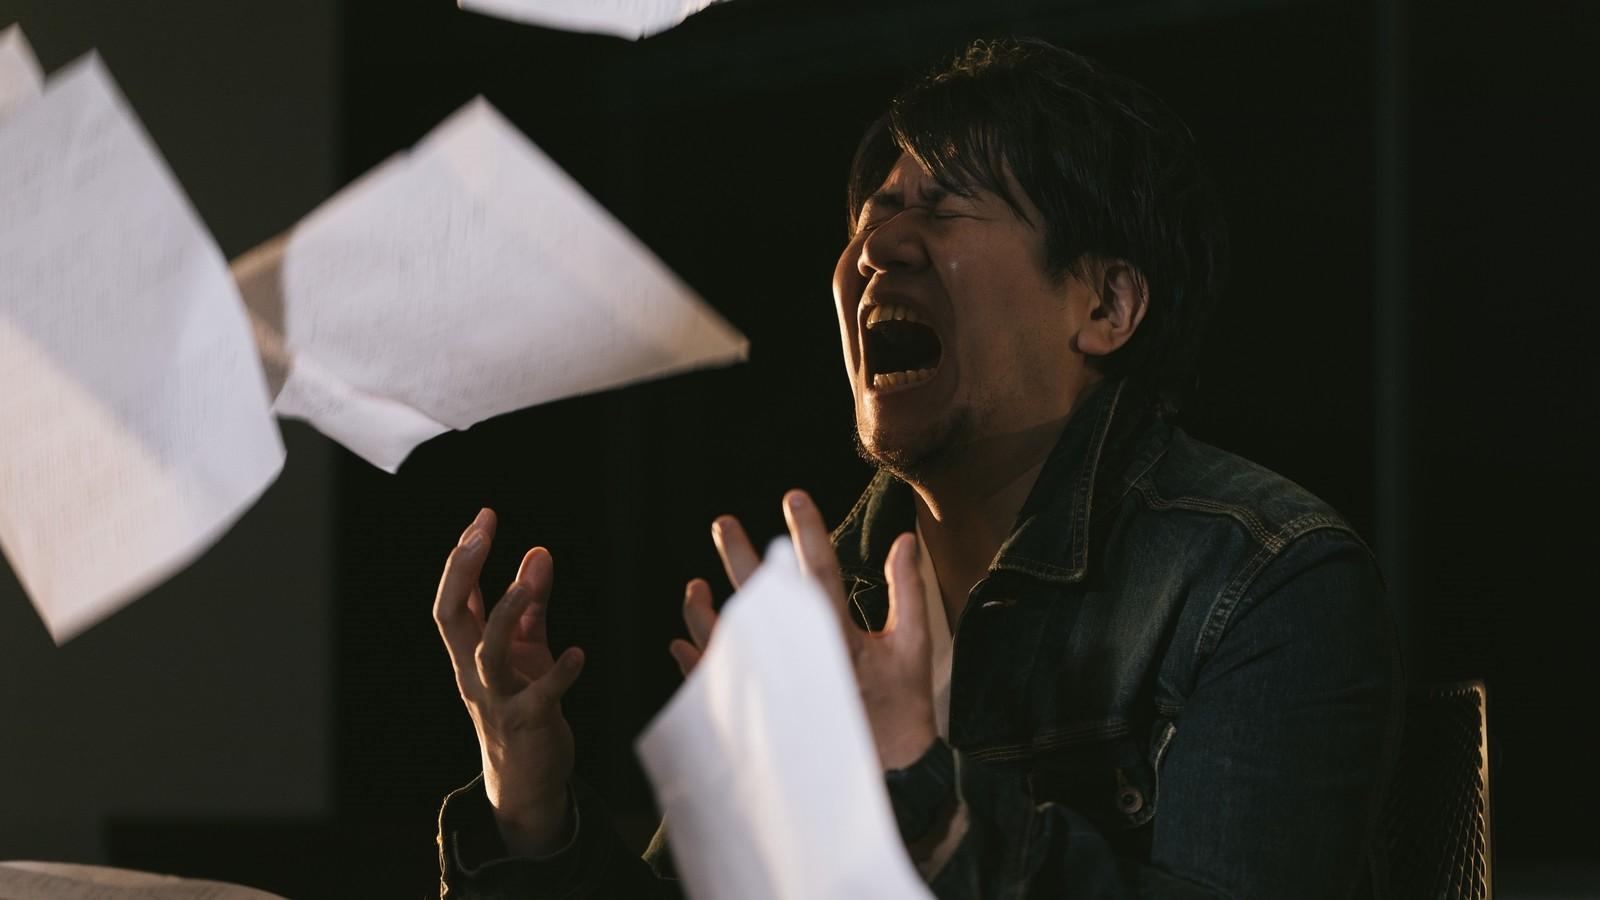 ▲悲傷,難過,憂鬱,痛苦,吶喊。(圖/取自免費圖庫Pakutaso)